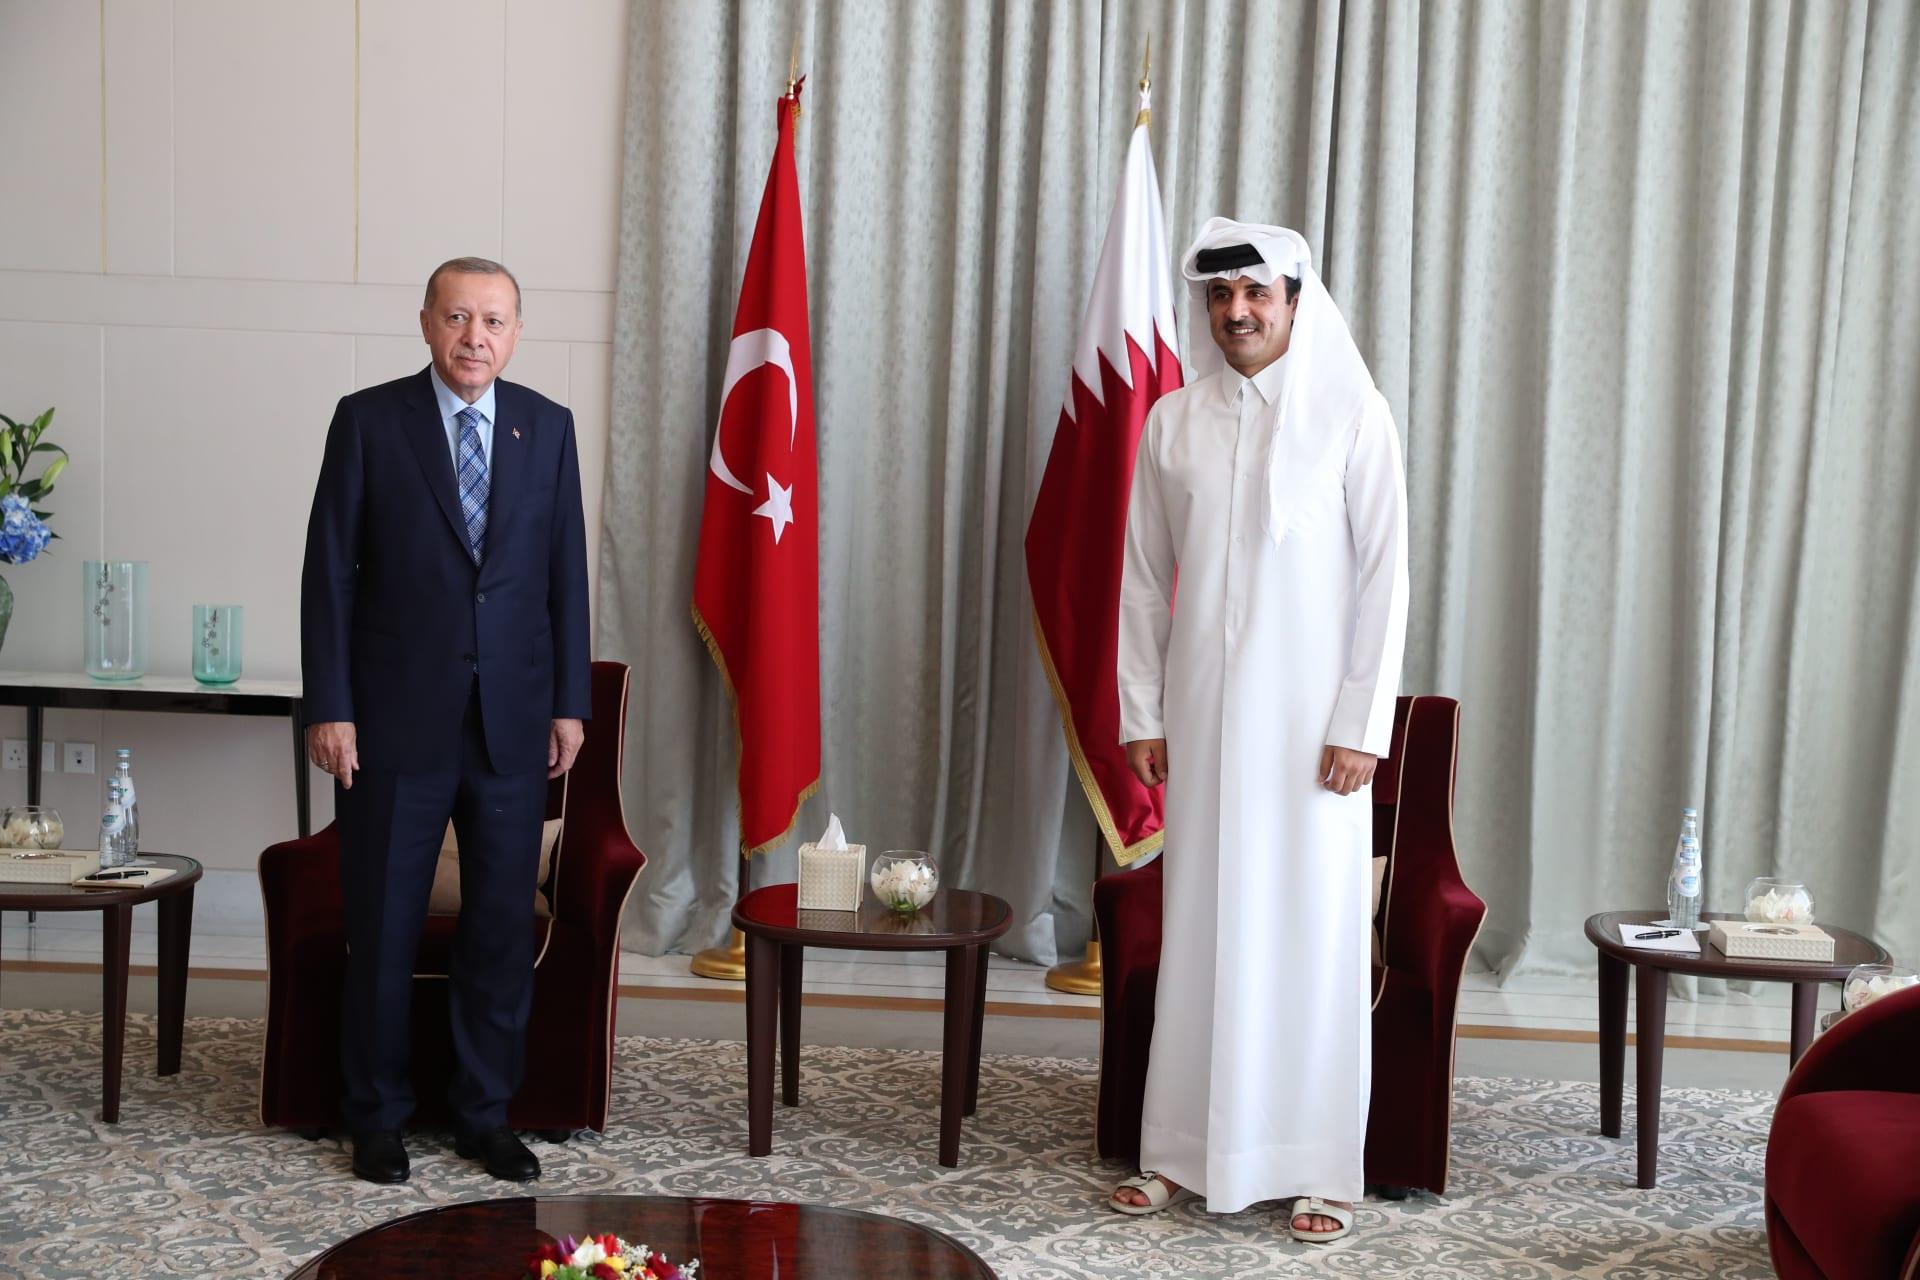 جدل وجود تركيا العسكري في الدوحة يستمر.. مسؤول قطري يدافع